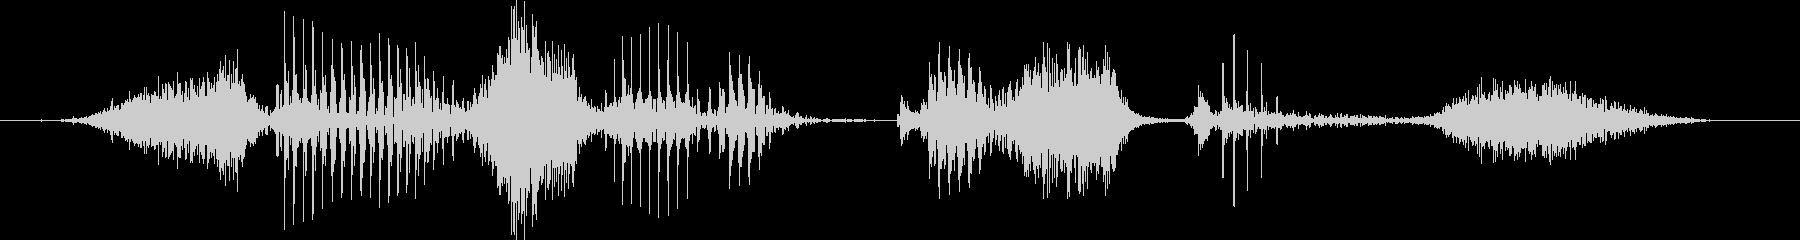 ソーシャルディスタンス(男性)の未再生の波形